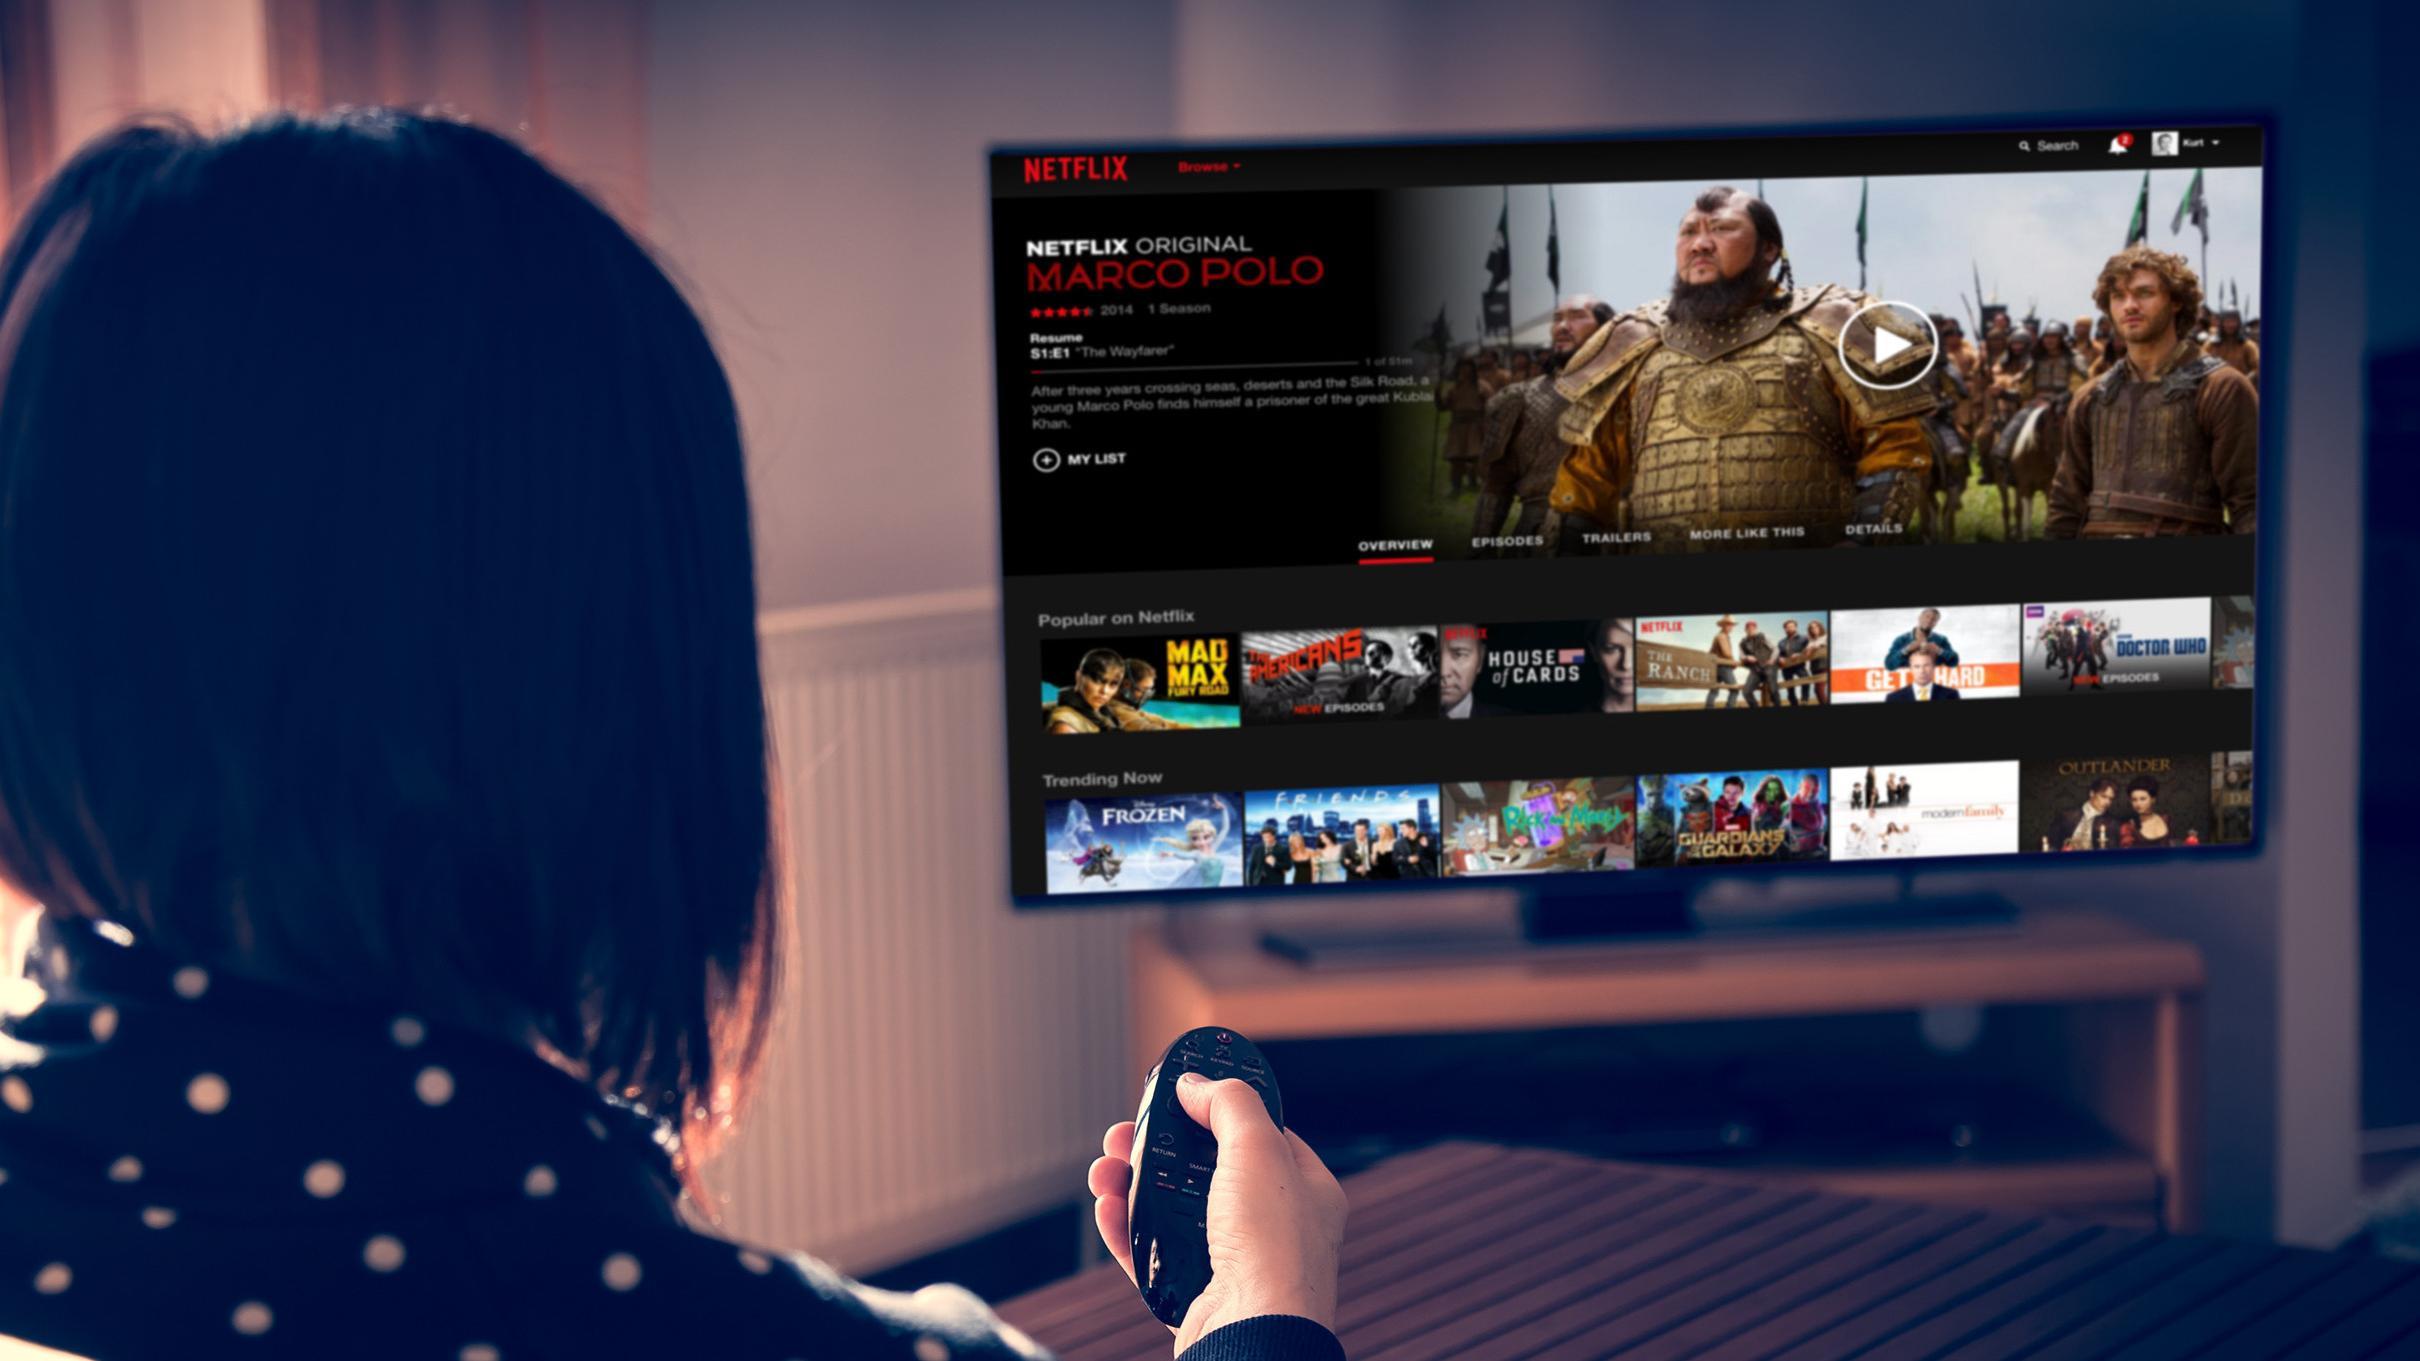 Nå får Netflix skikkelig heftig lyd